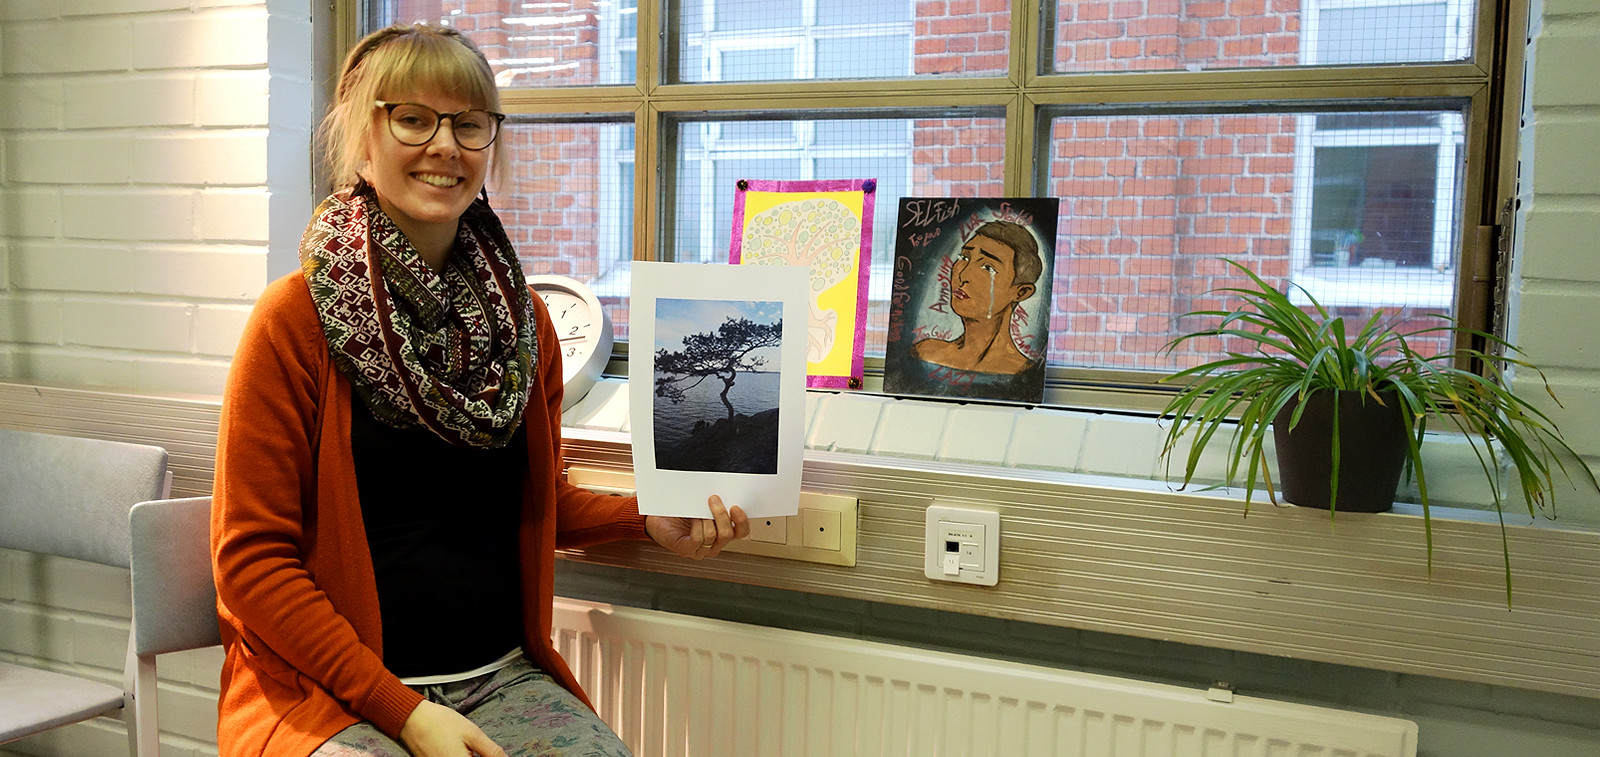 Yksilövalmentaja Anni-Veera esittelee kuvia